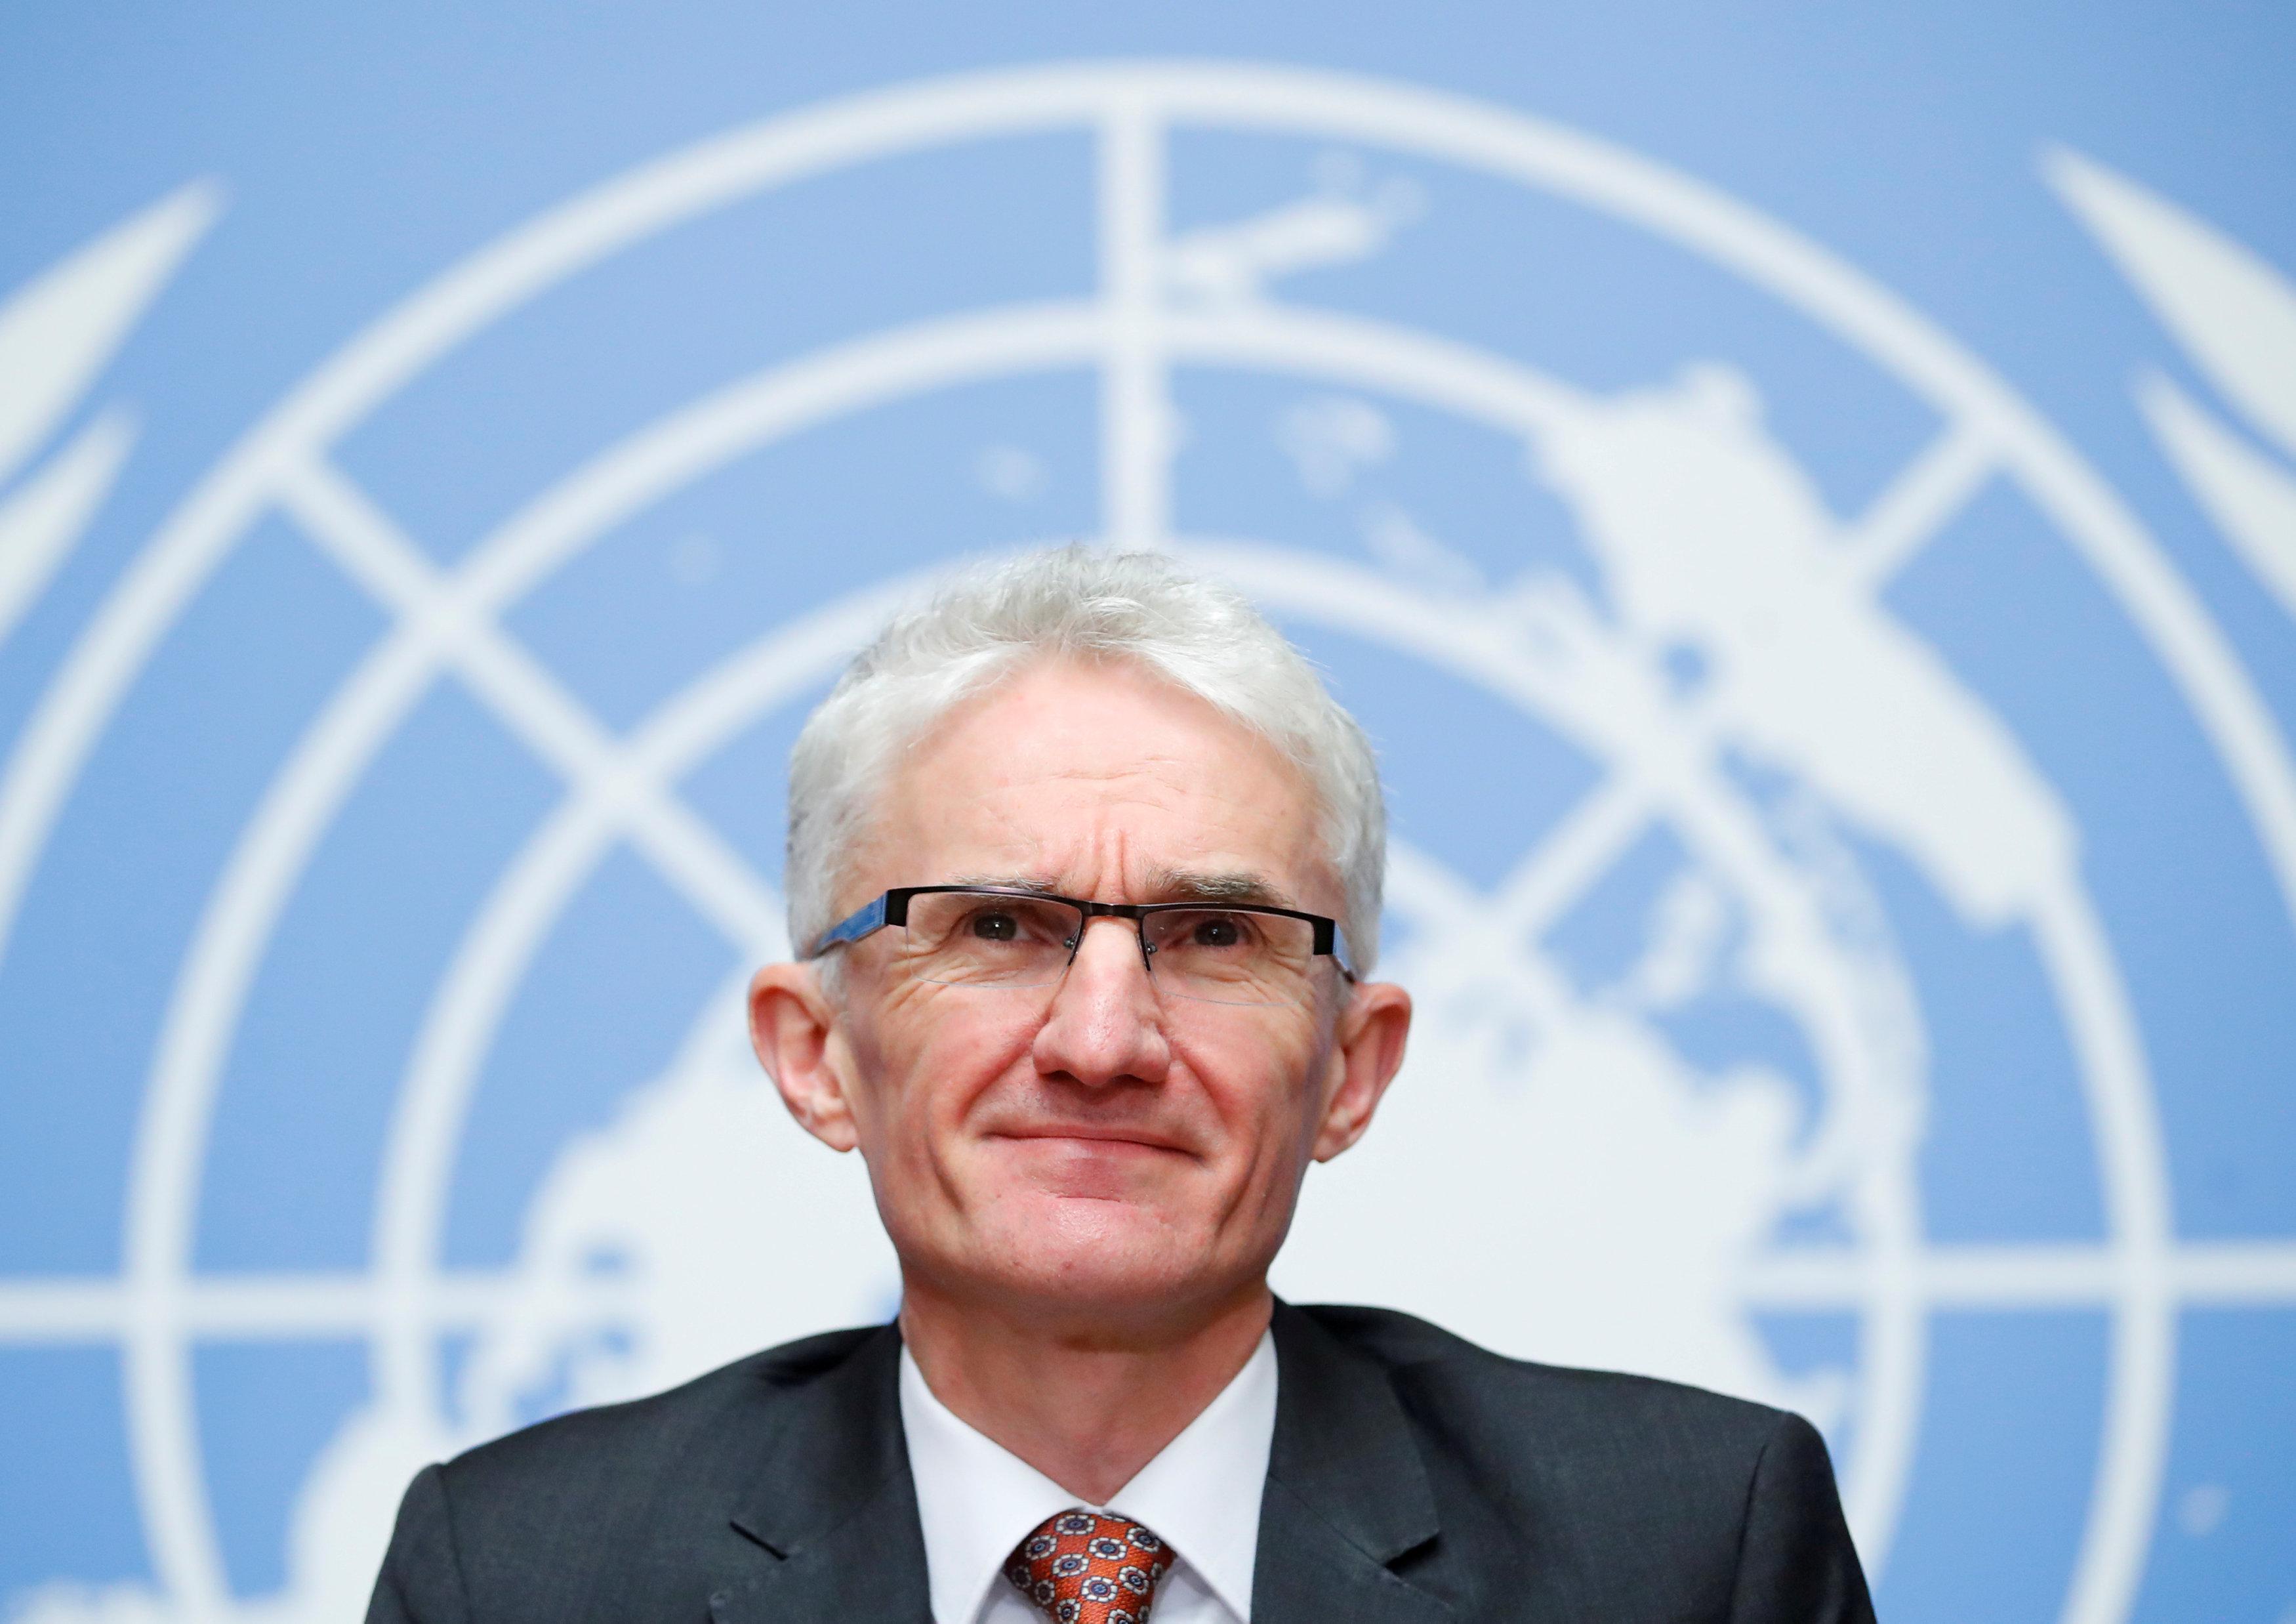 Yemen blockade needs to be fully wound down: U.N. aid chief